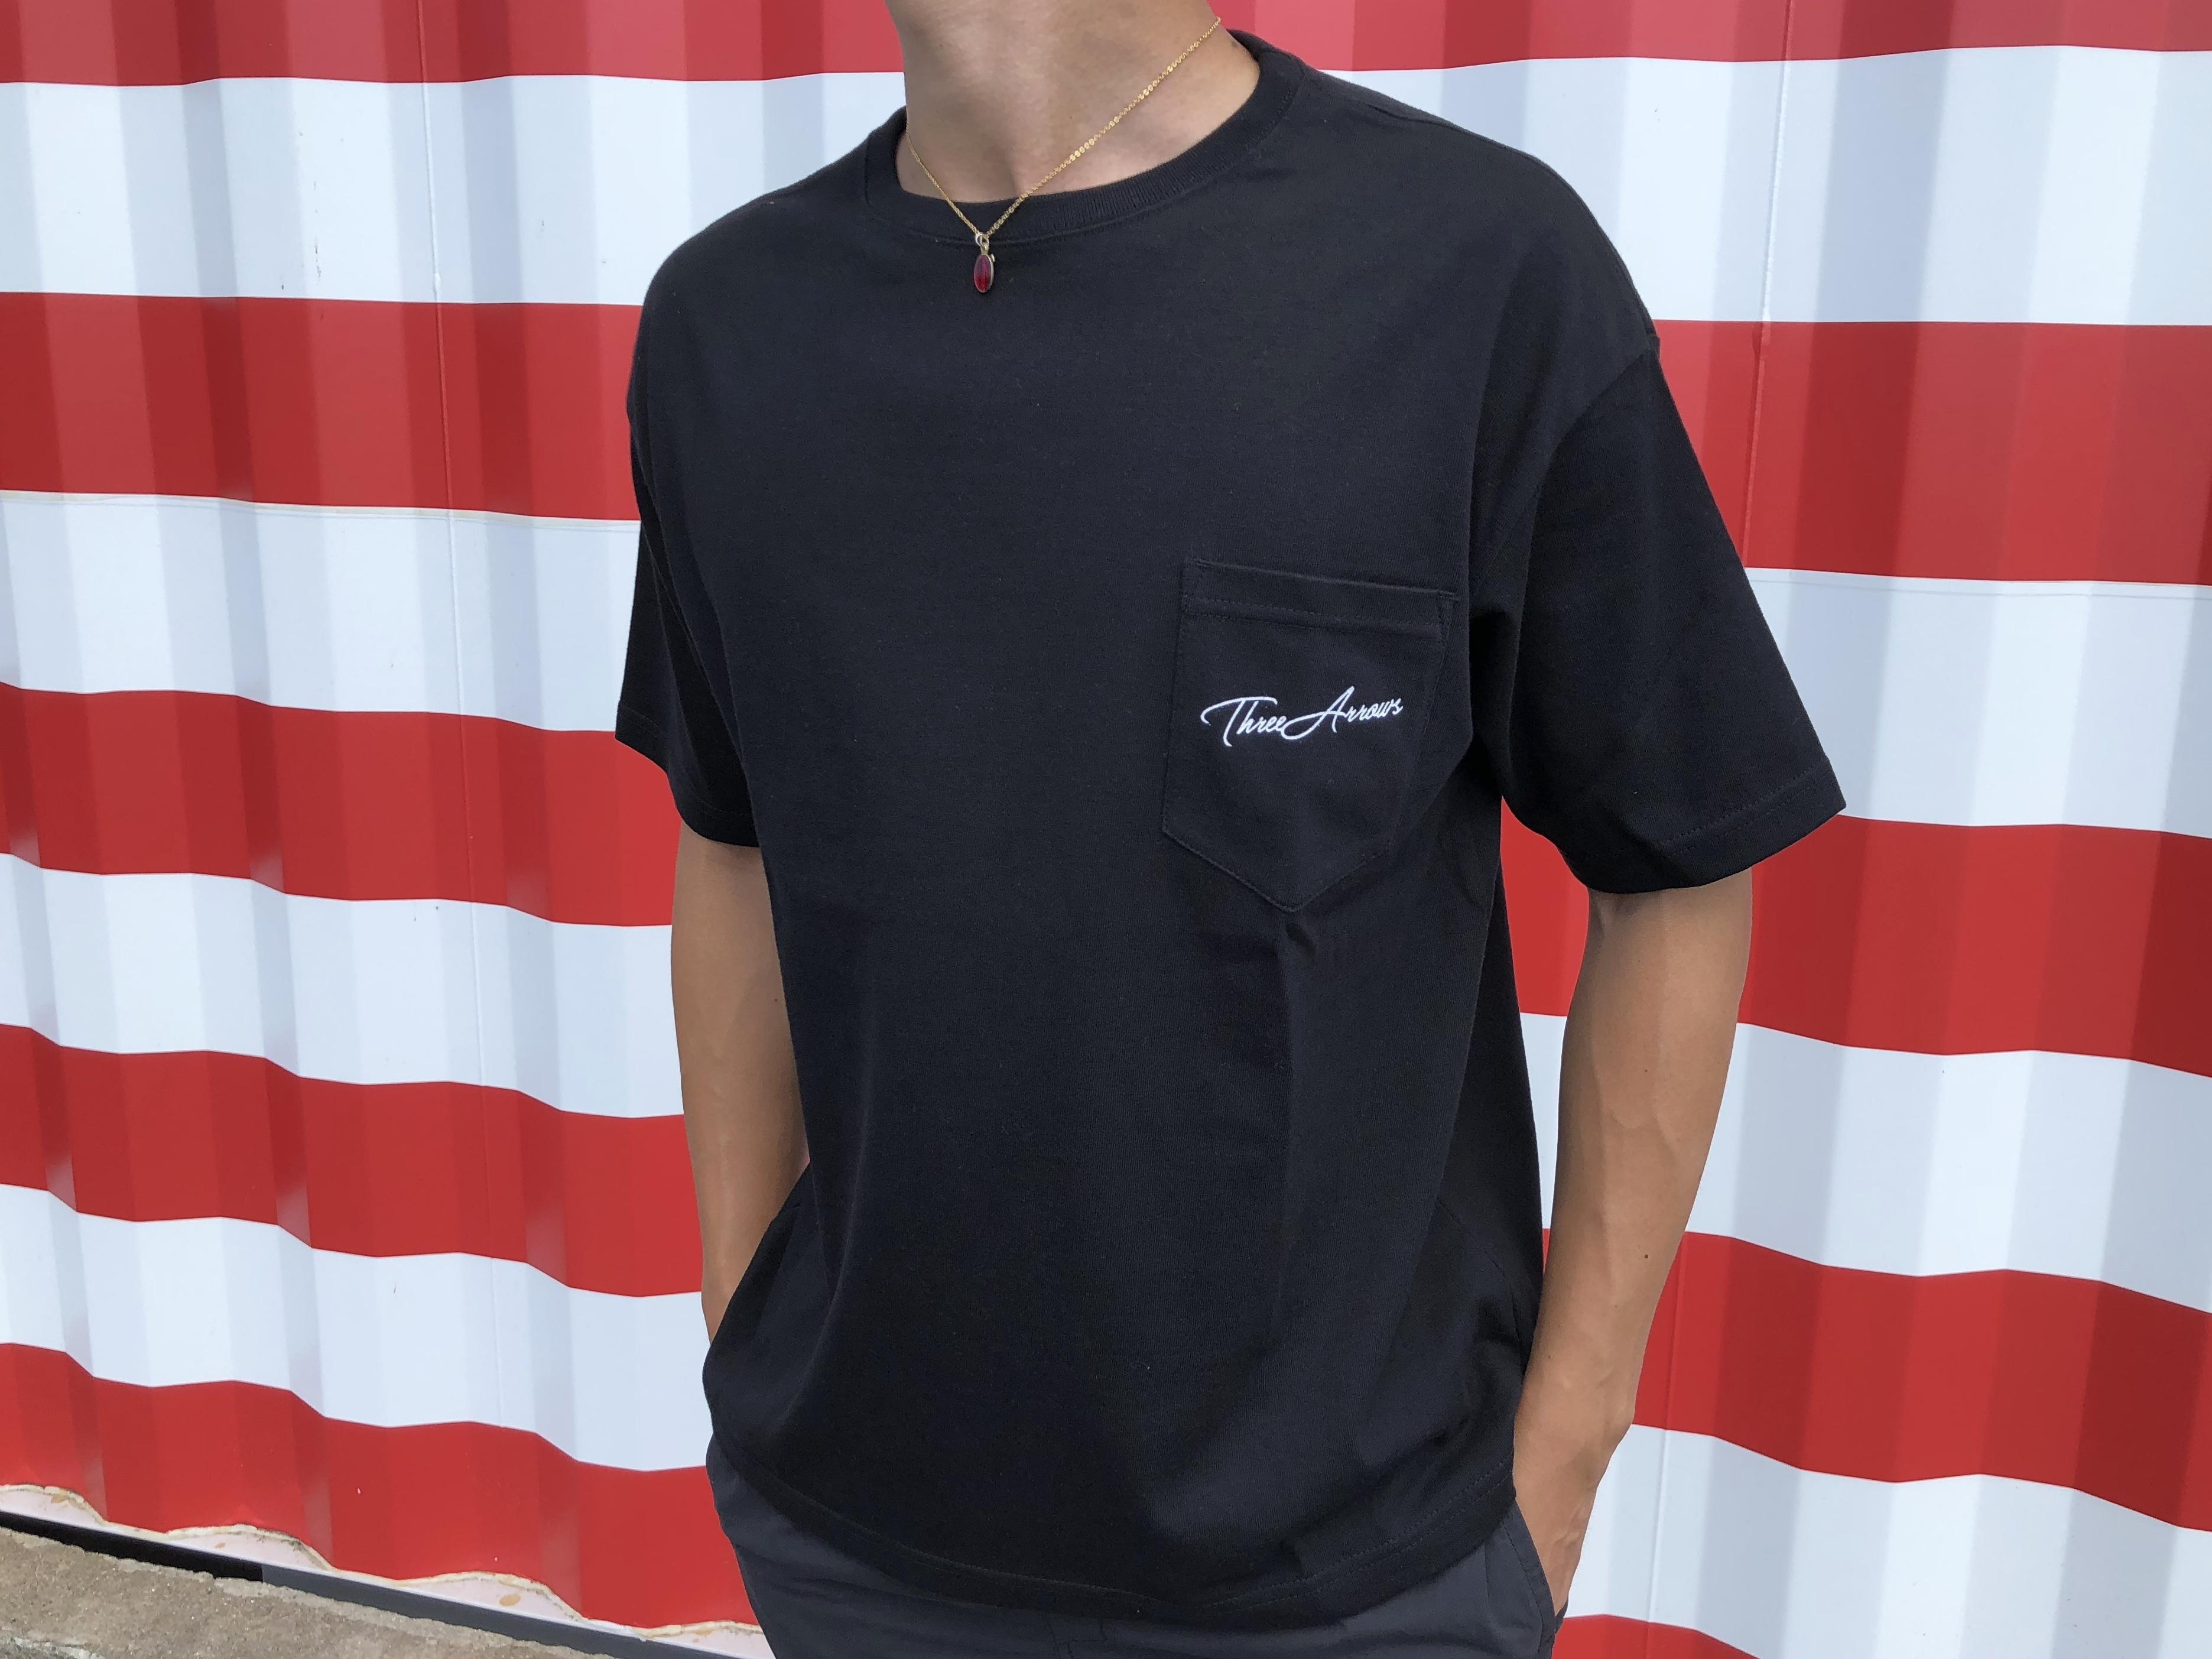 ThreeArrows ポケット付きBIGシルエットTシャツ(black)